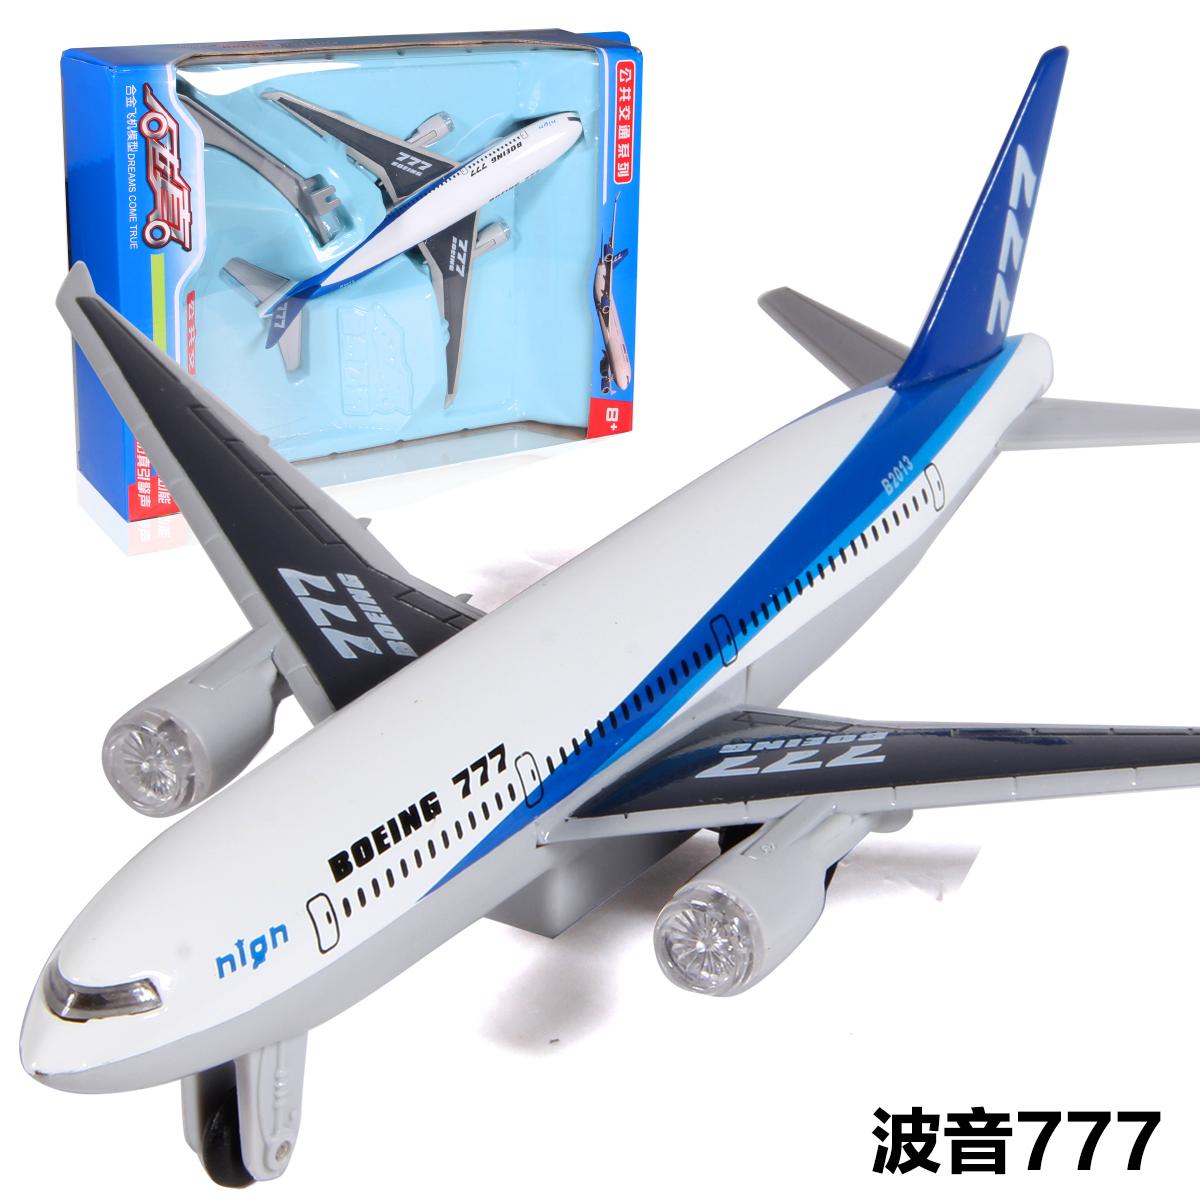 彩珀合金飞机模型波音777航空飞机儿童玩具飞机模型声光回力玩具